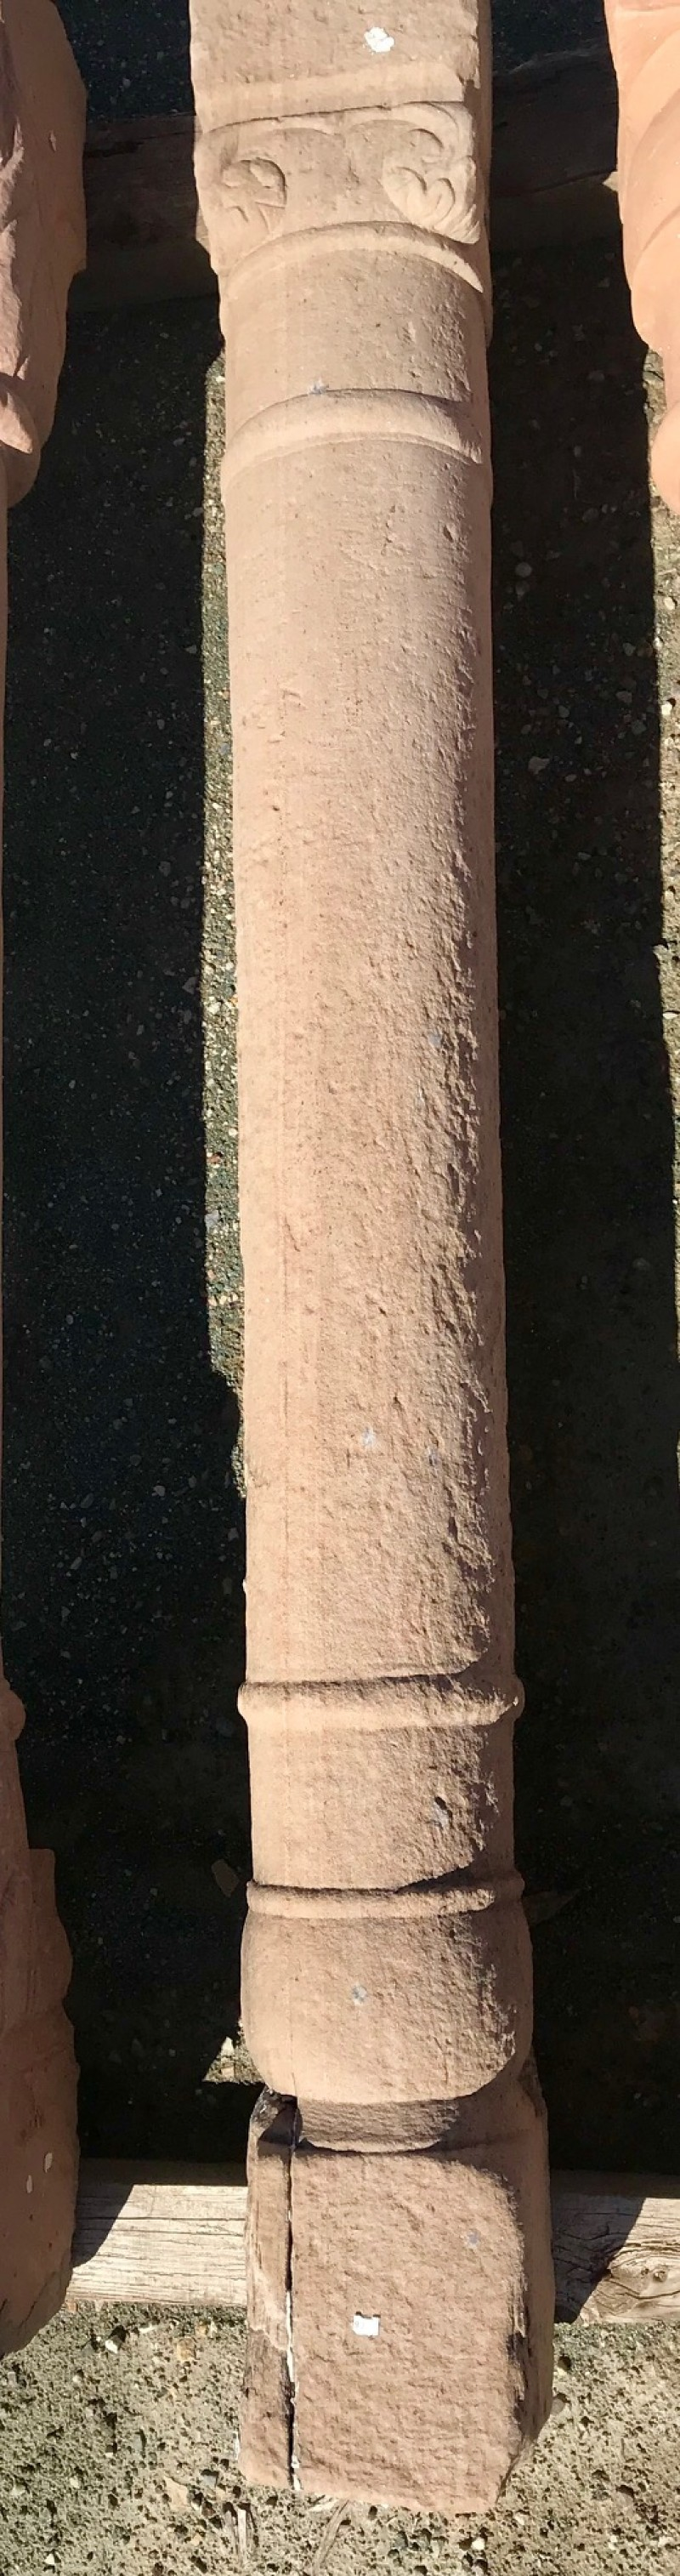 Columna de piedra antigua de una pieza. Mide 1,84 cm de alta.